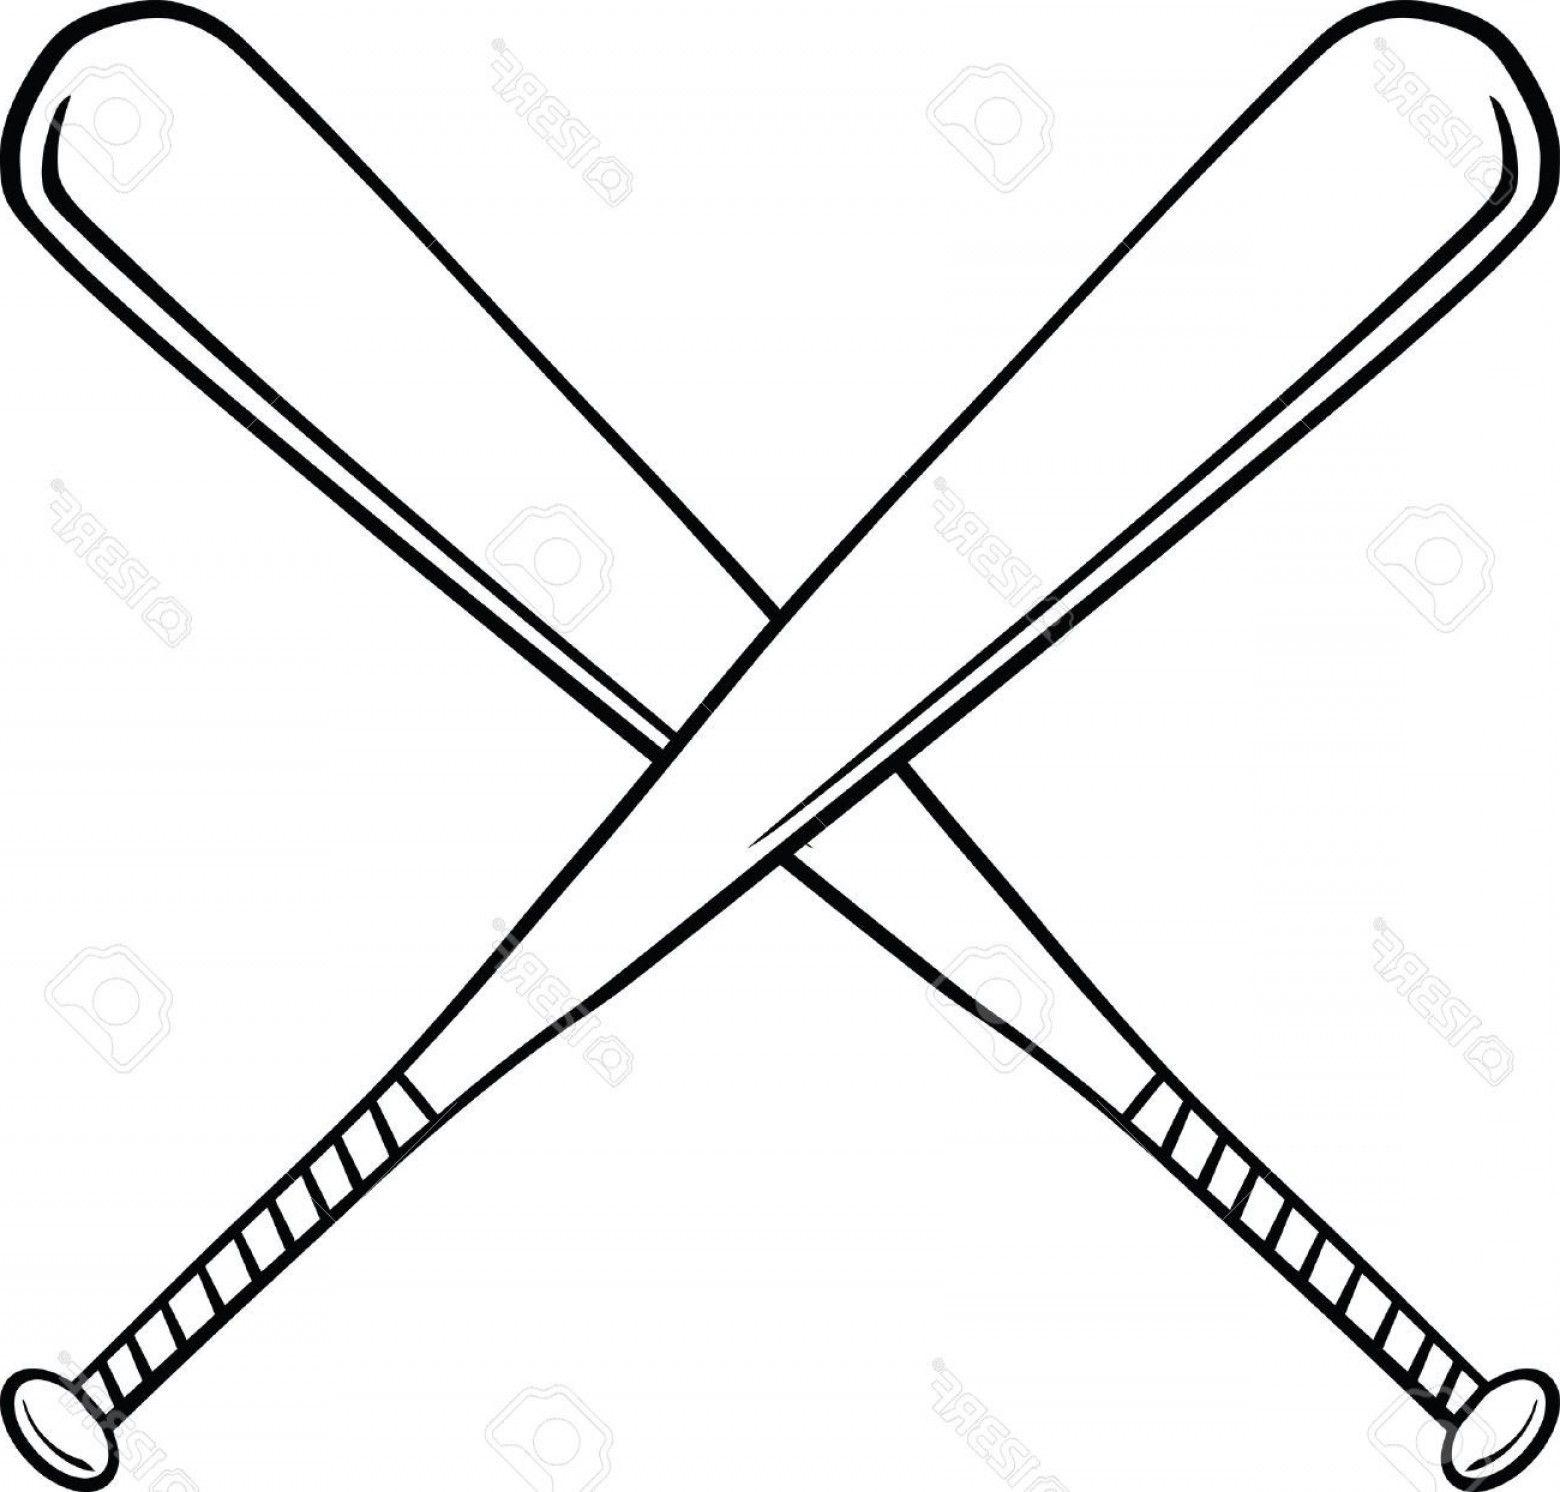 Baseball Bat Vector Logo.